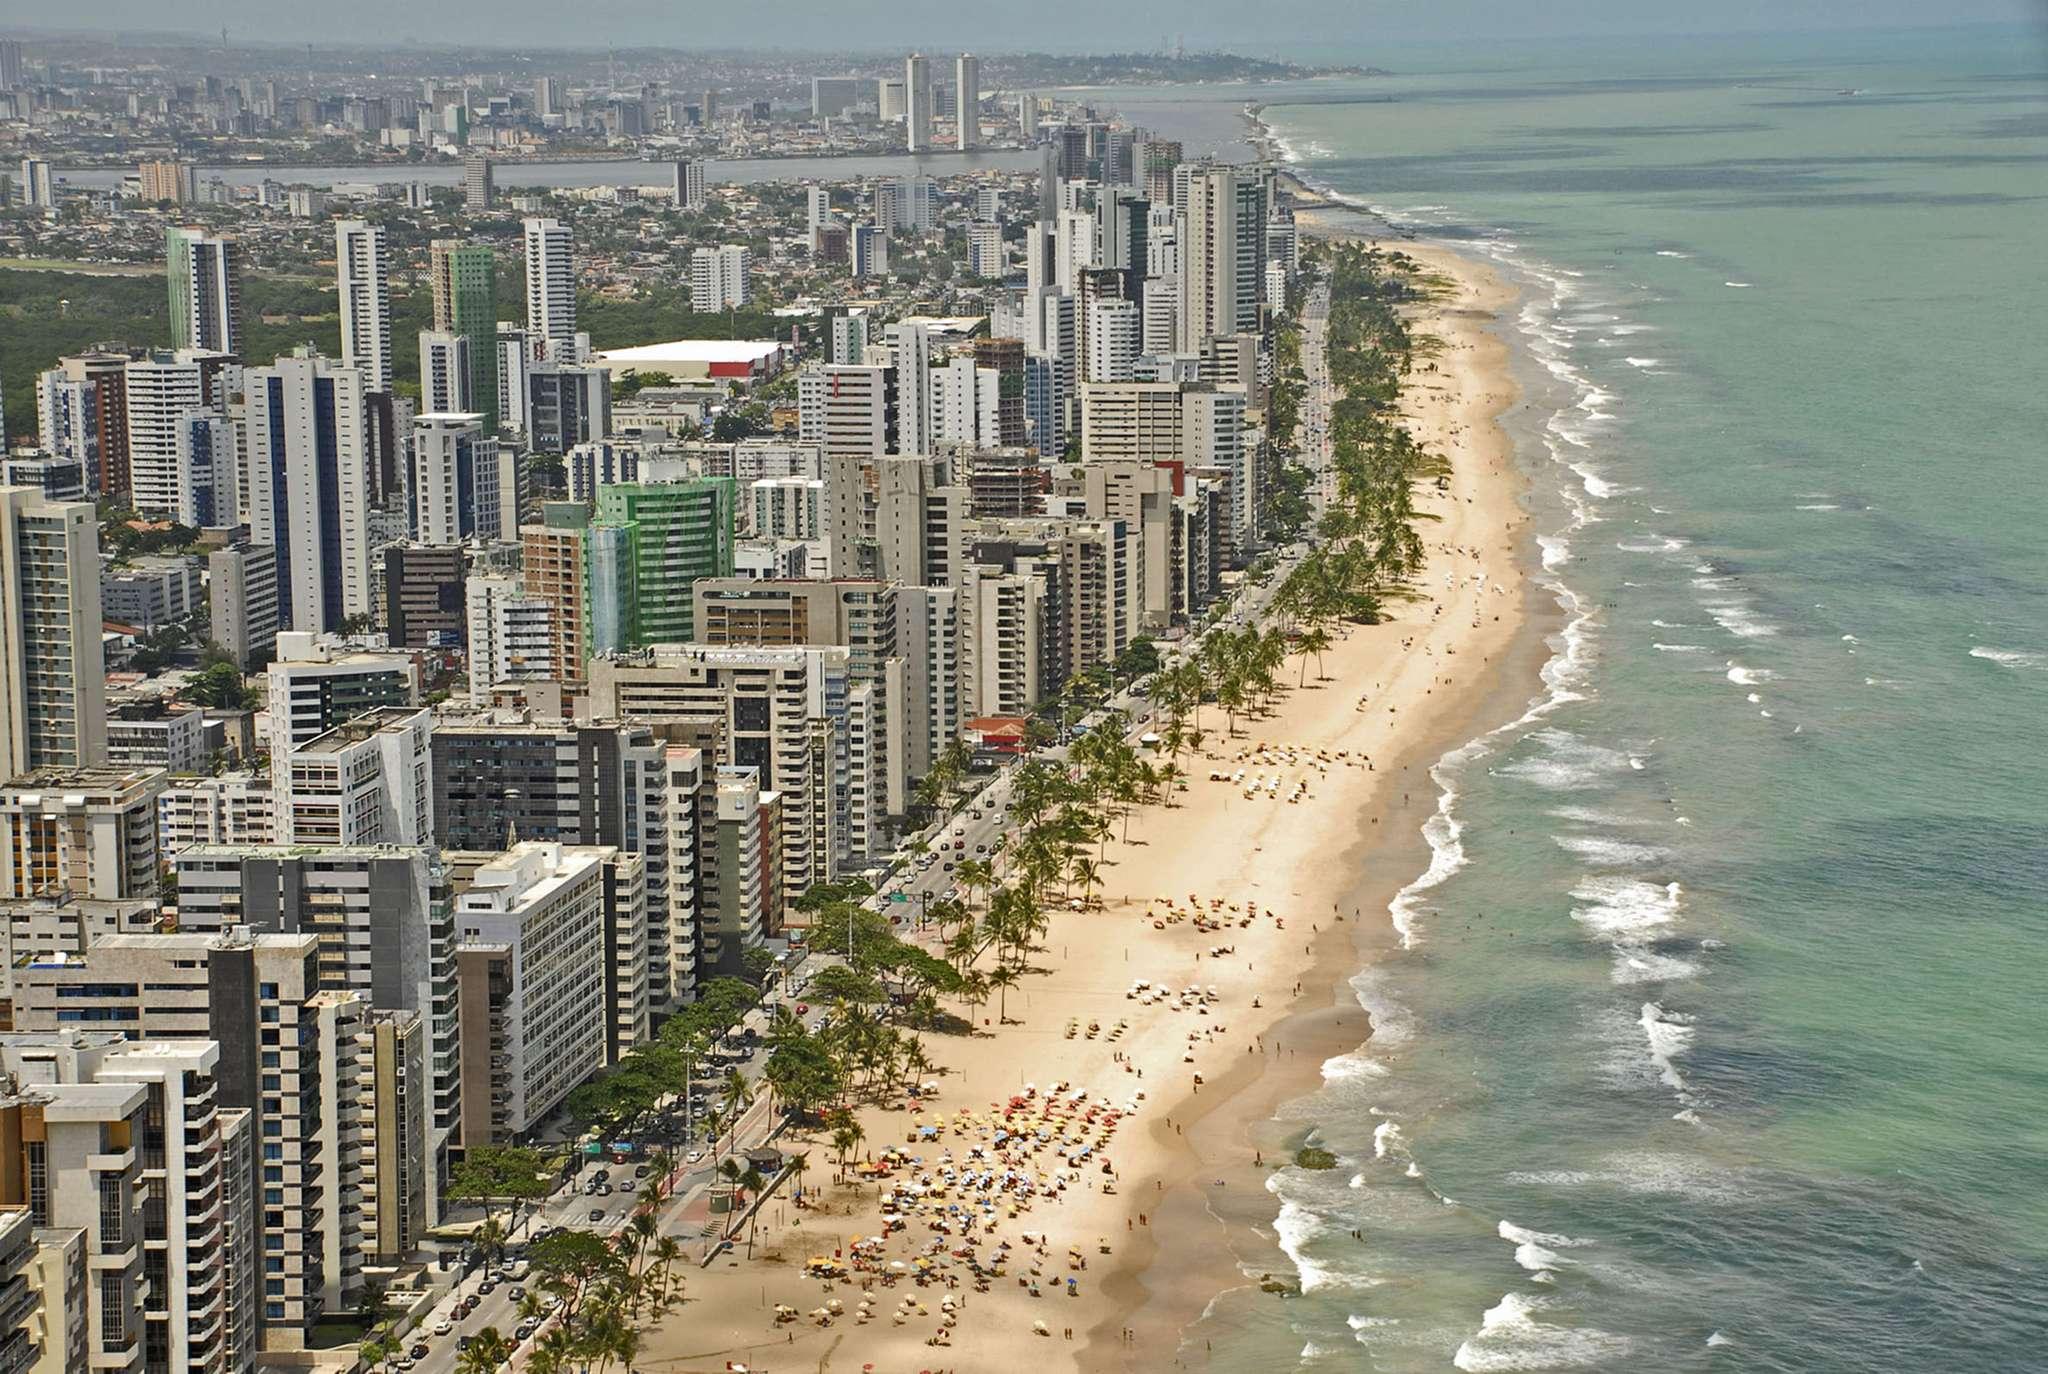 Splendour of the Seas - A primeira viagem no Brasil em 2014 do Splendour of the Seas, da Royal Caribbean International, será um roteiro de cinco noites com partida de Santos em 7 de dezembro. As escalas ocorrem em Búzios, Ilha Grande e Ilhabela. Preços a partir de R$ 922 por pessoa, mais taxas Foto: Diego Cardini/Shutterstock